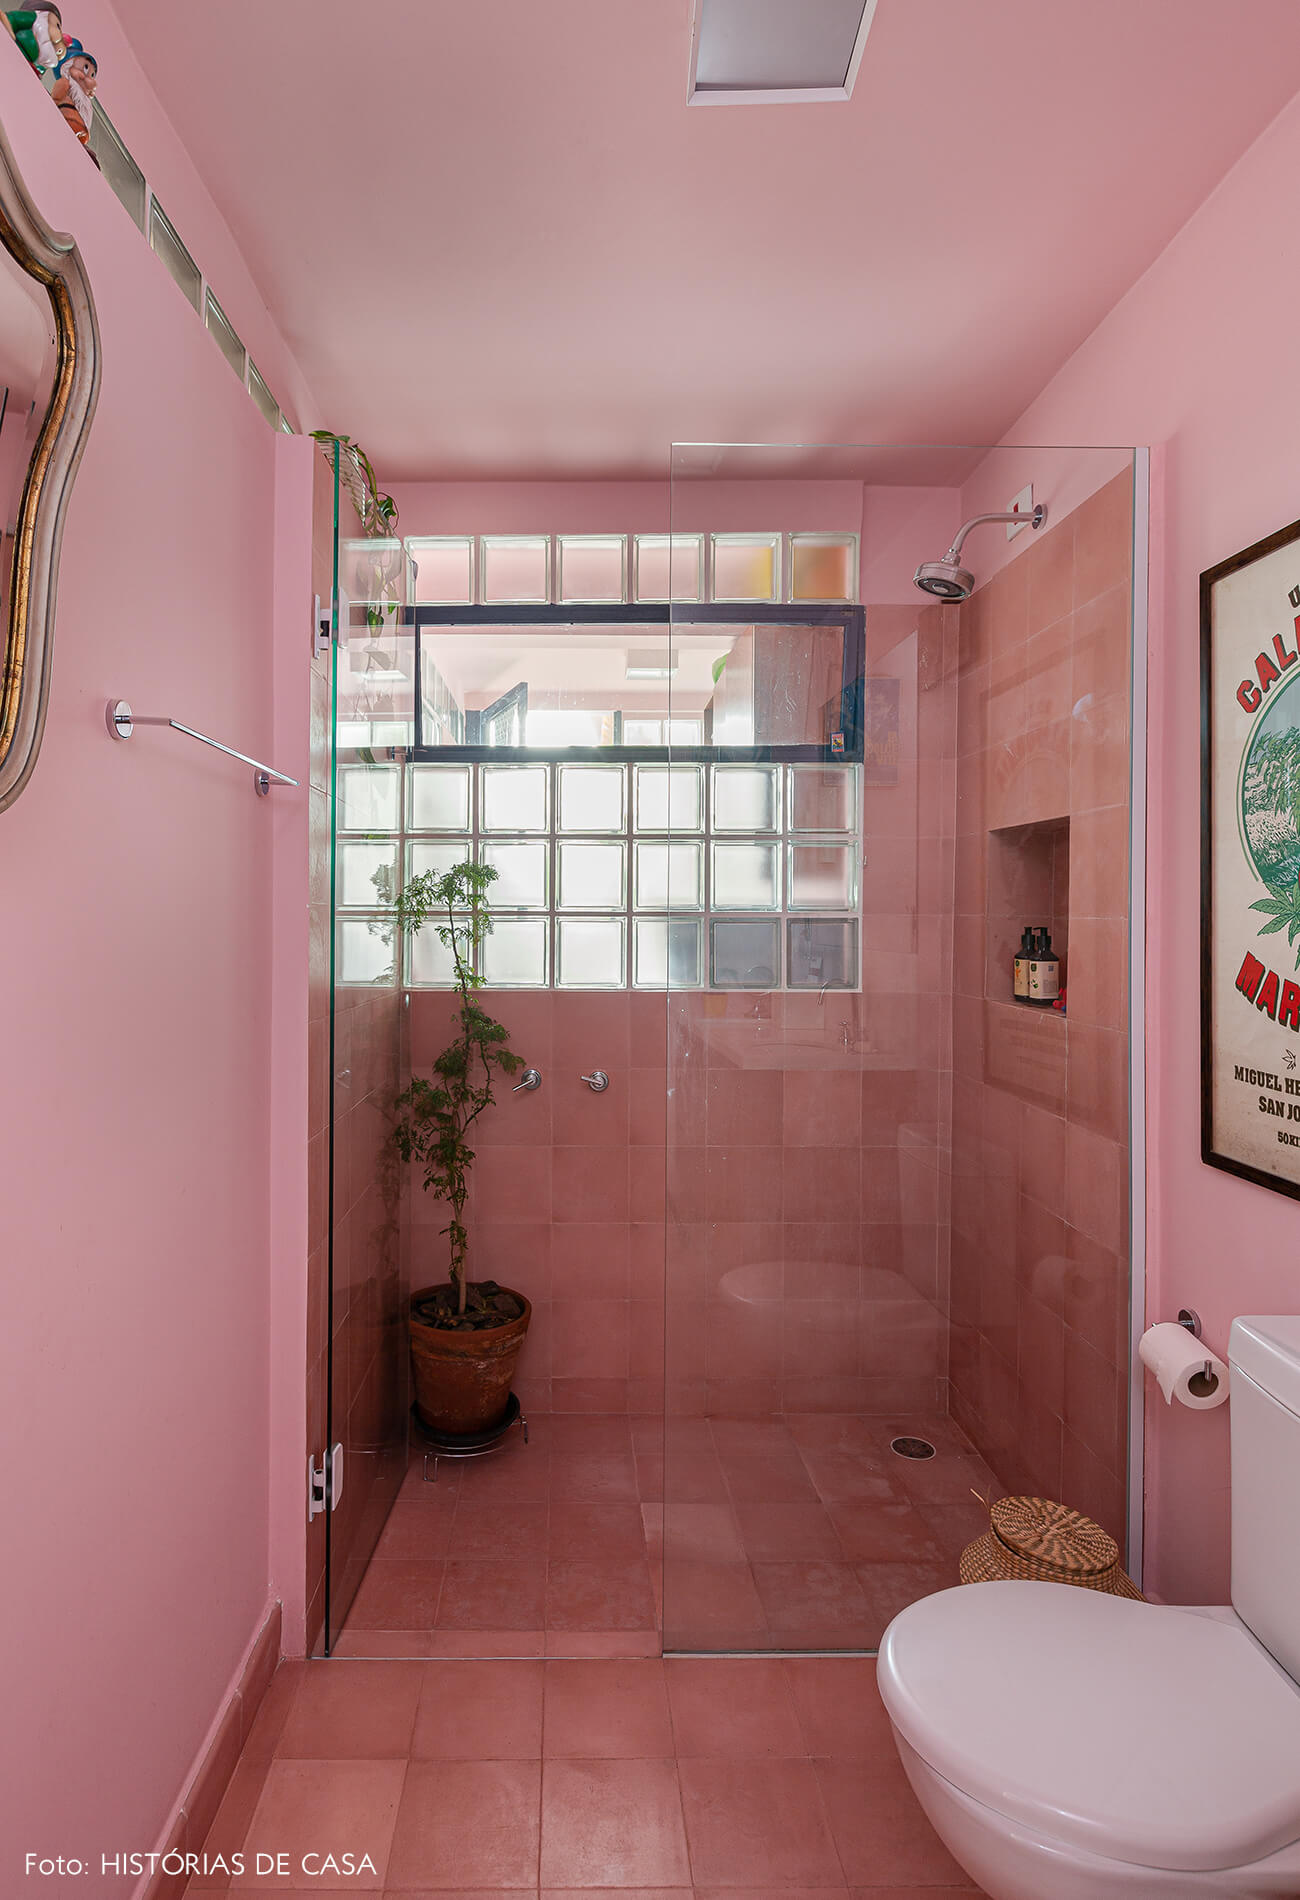 Banheiro rosa com piso de ladrilhos hidráulicos